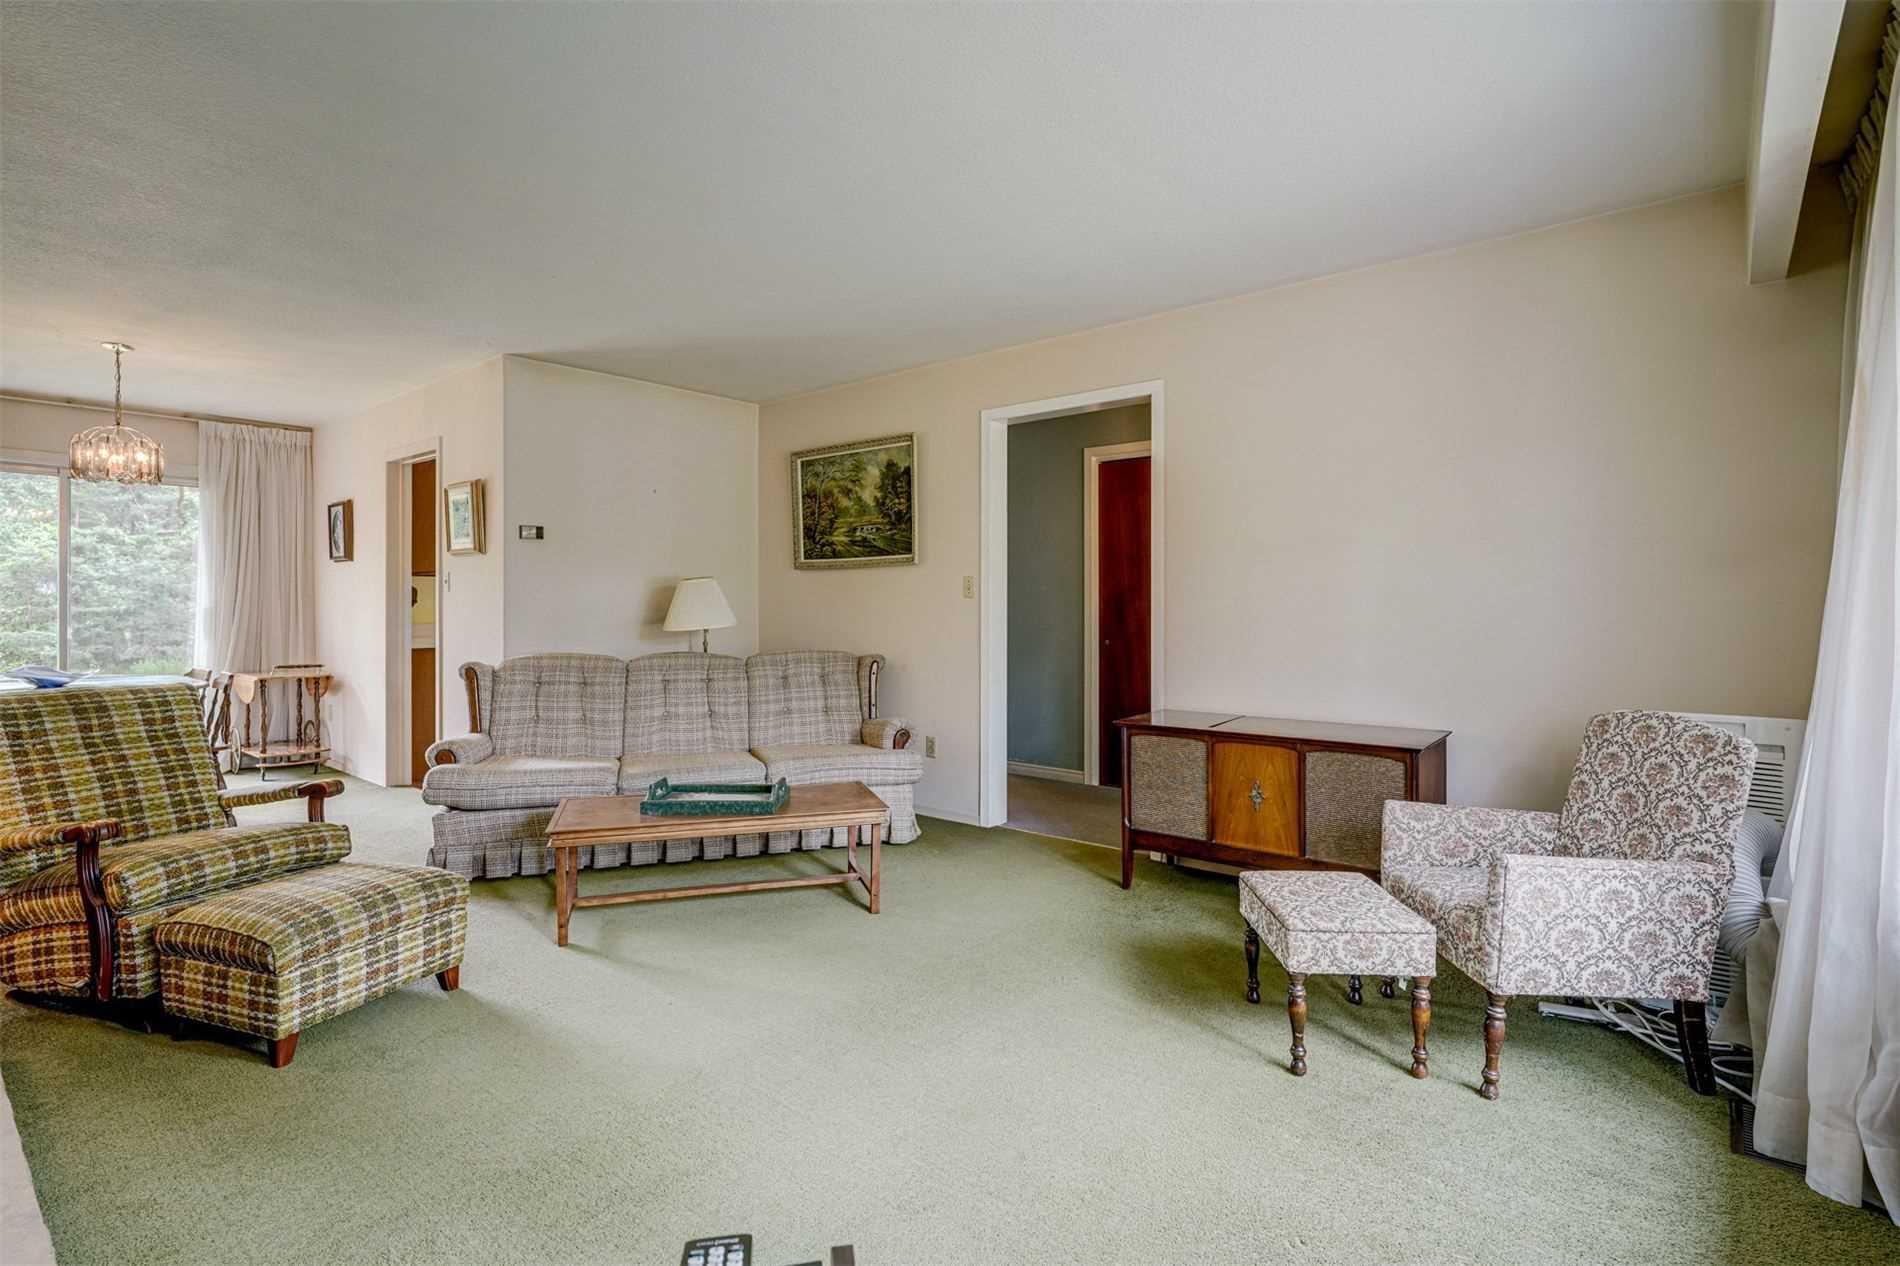 4189 Brock Rd - Uxbridge Detached for sale, 3 Bedrooms (N5311768) - #11